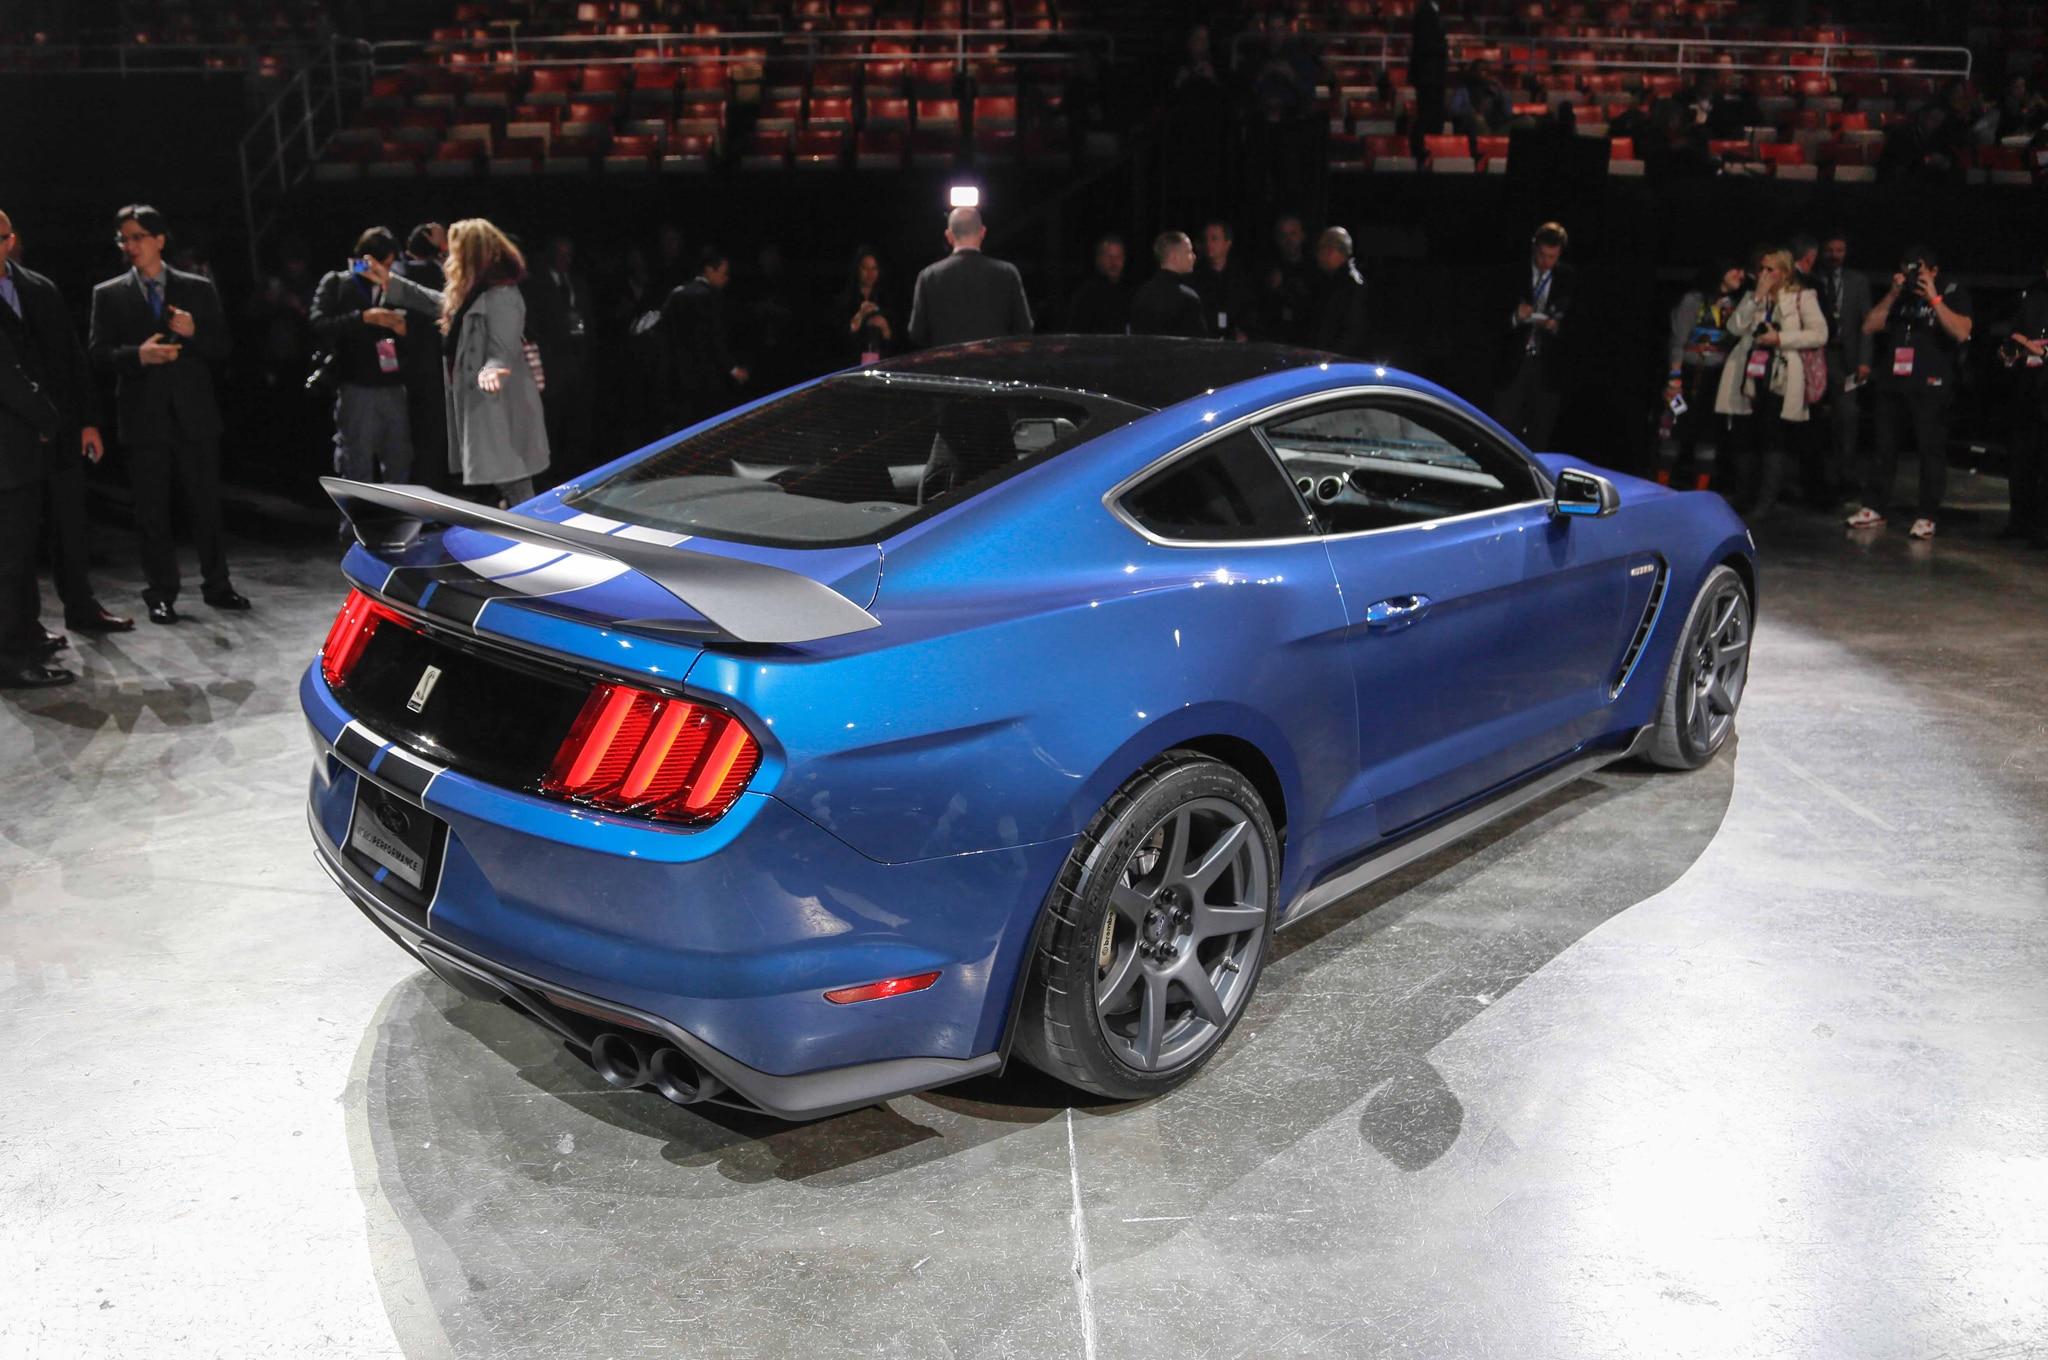 Ford Shelby GT350R Mustang llega a Detroit con más de 500 hp